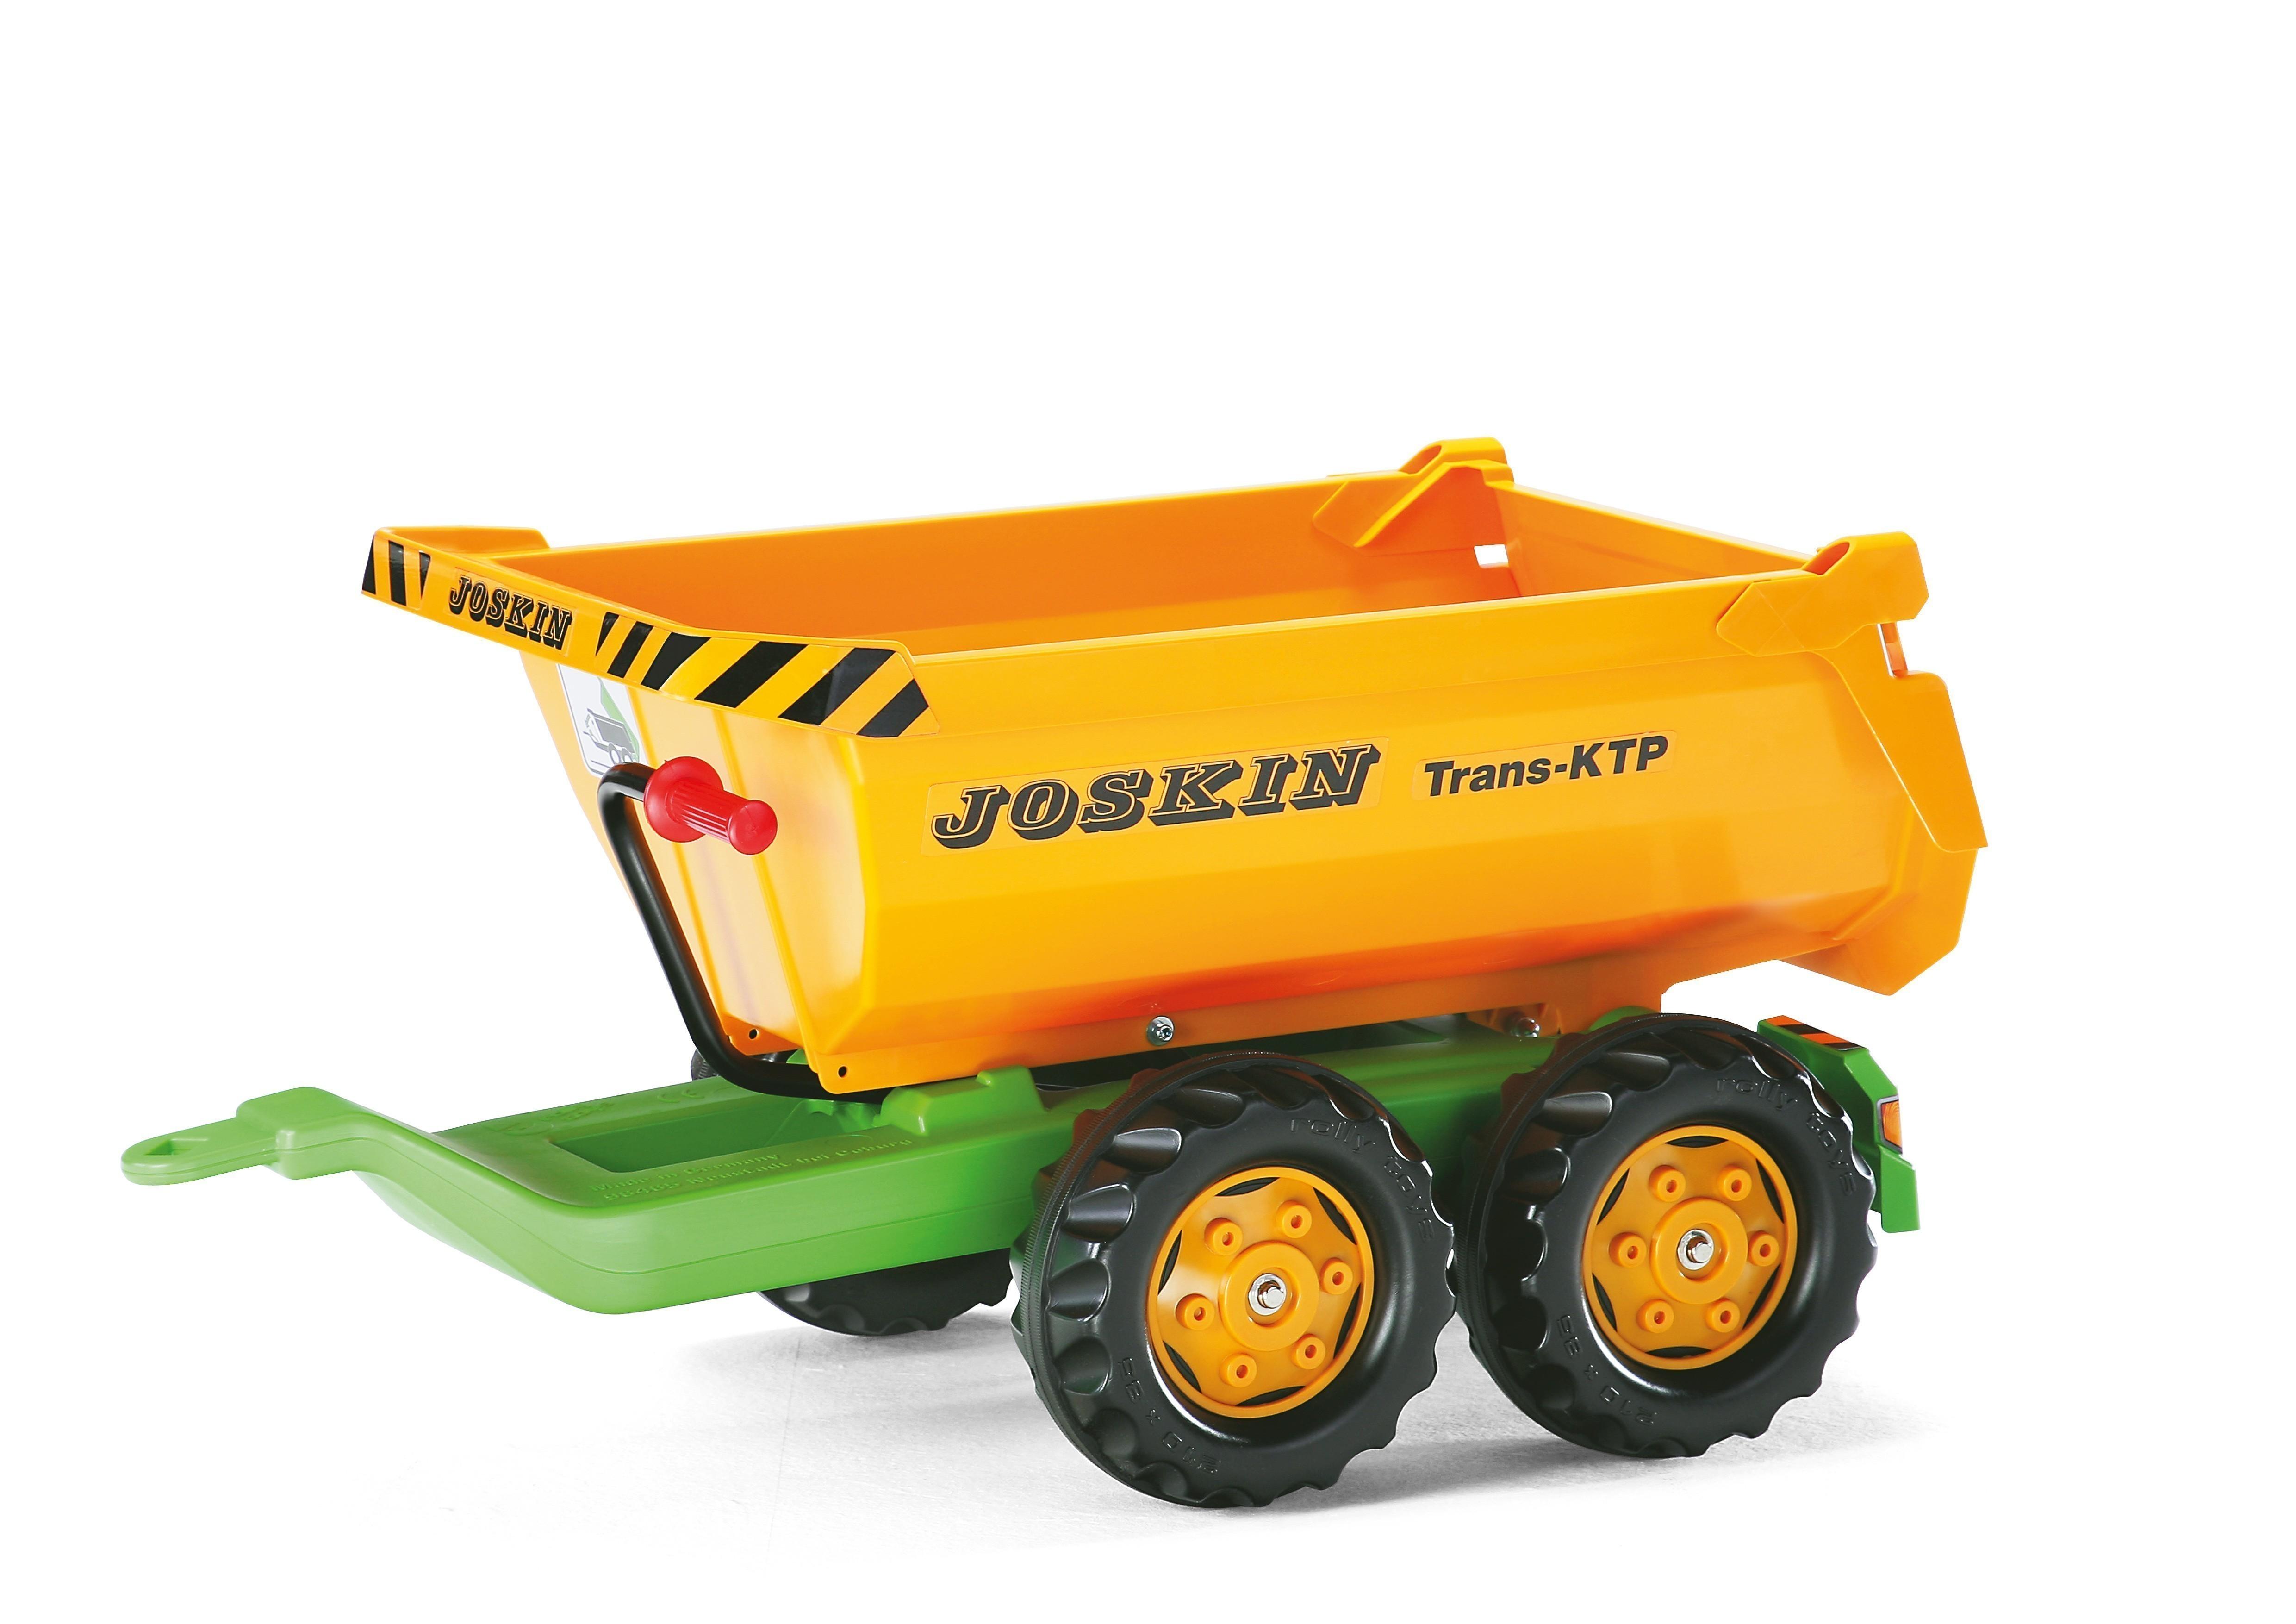 Anhänger für Tretfahrzeug rolly Halfpipe Trailer Joskin - Rolly Toys Bild 1